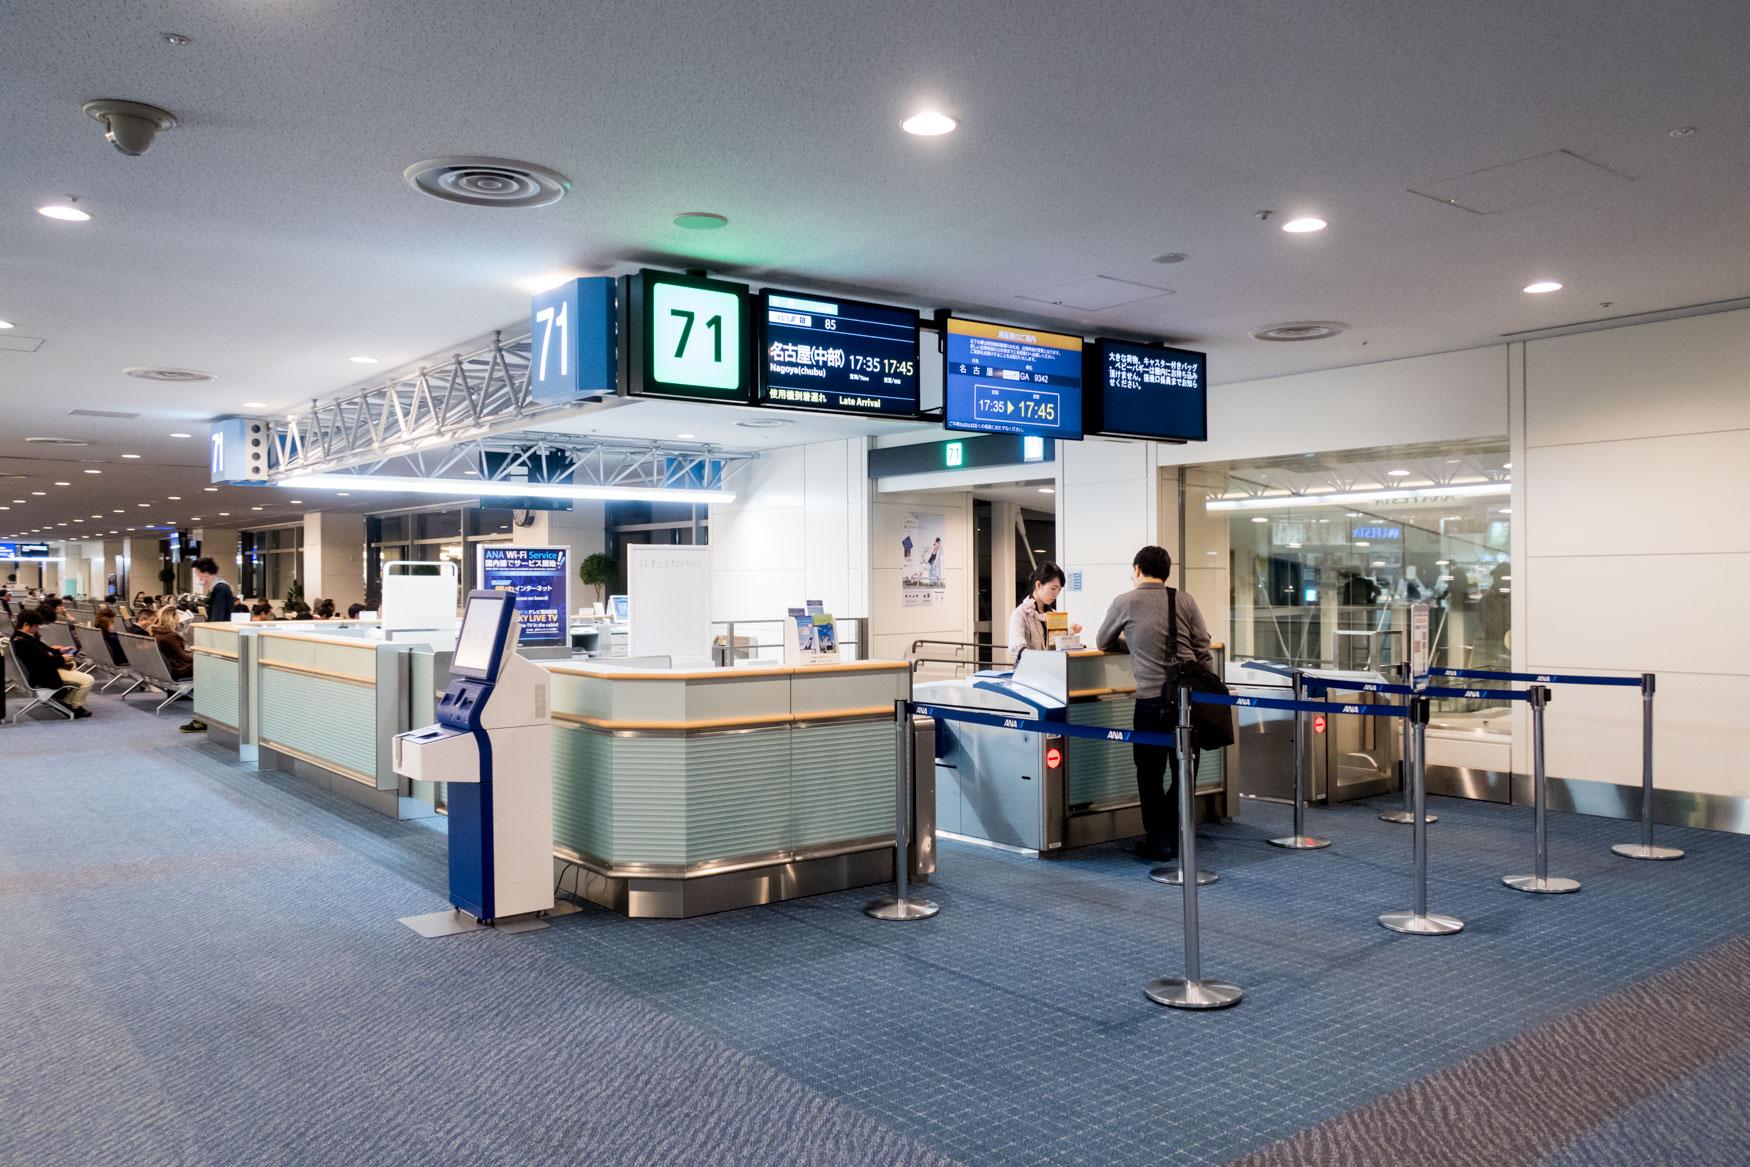 Tokyo Haneda Airport Gate 71